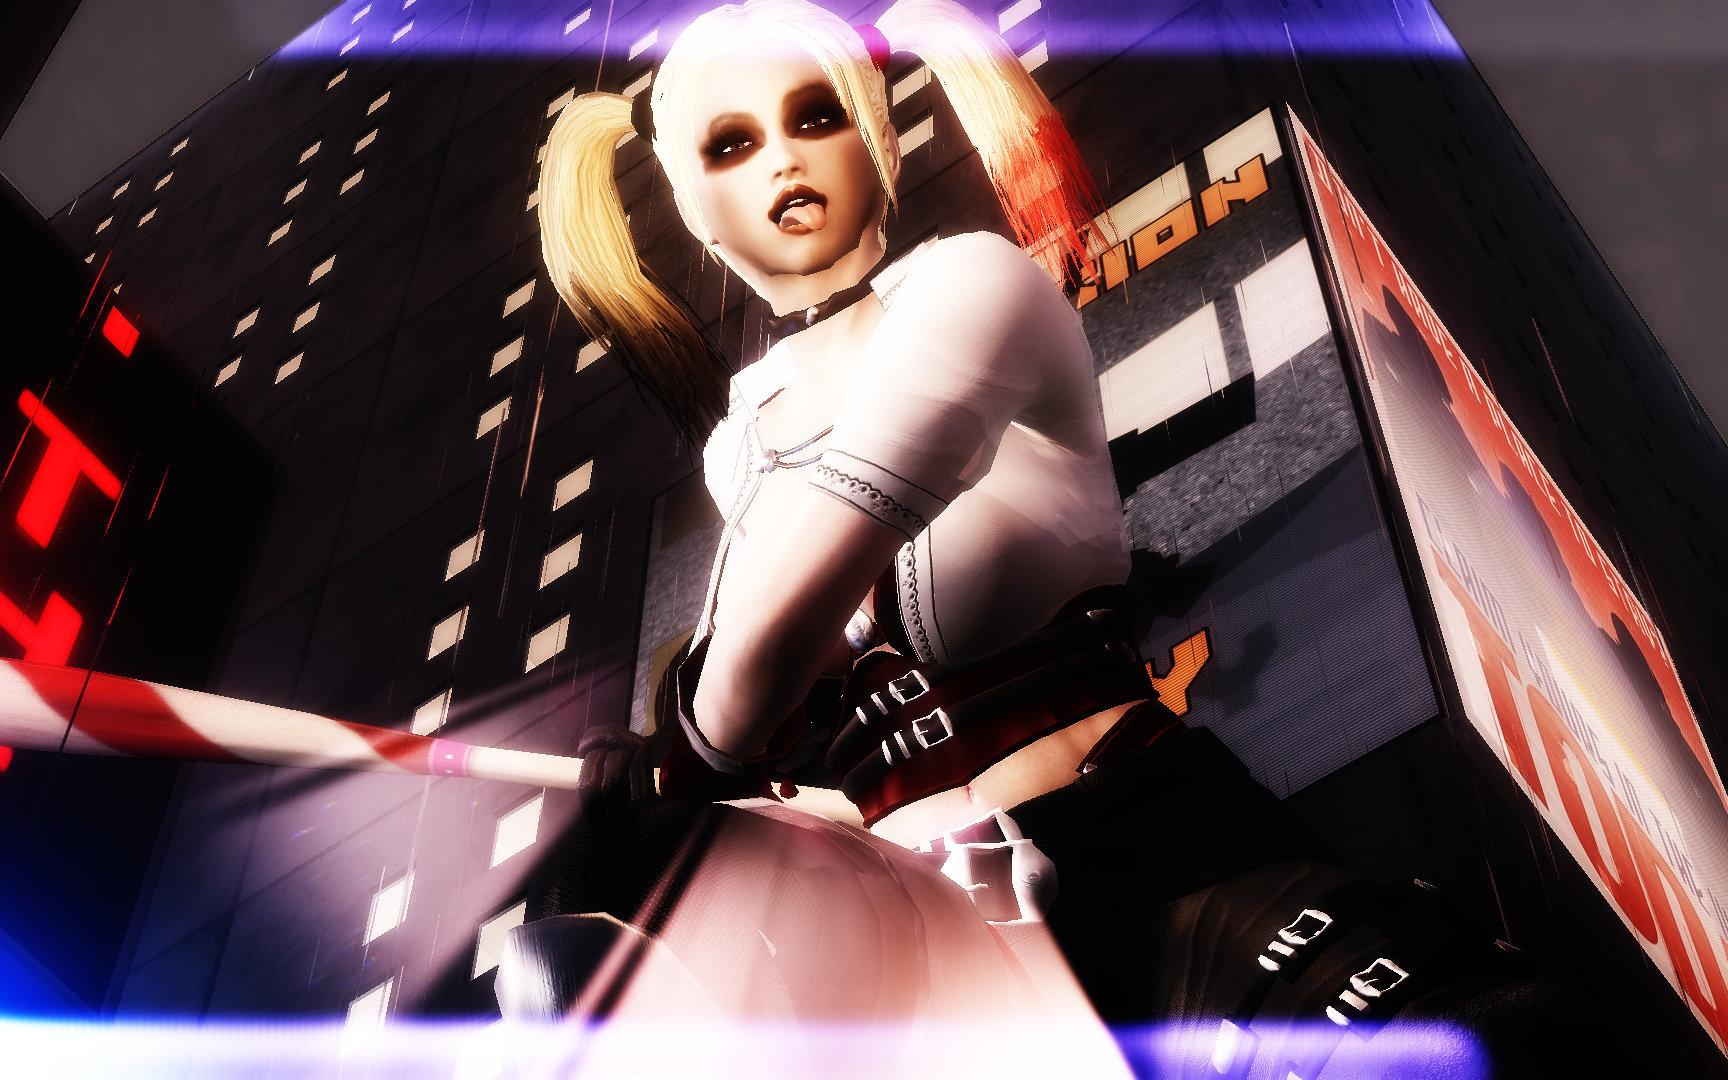 Nereid Pirate Harley Quinn-ish Retexture